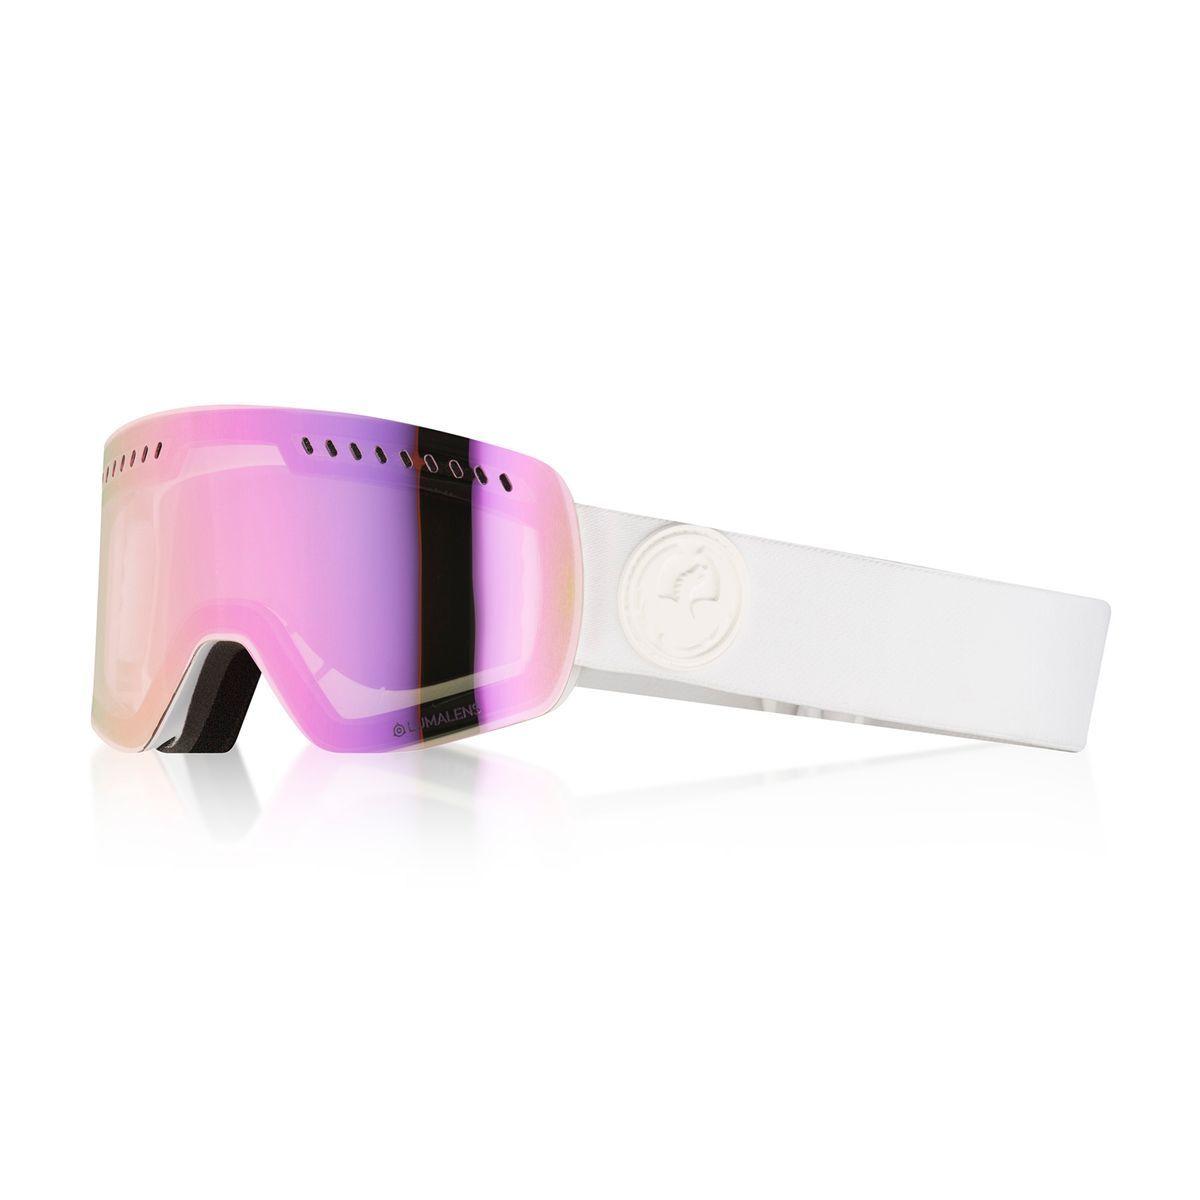 b2e285830907 Dragon NFXs Snow Goggles